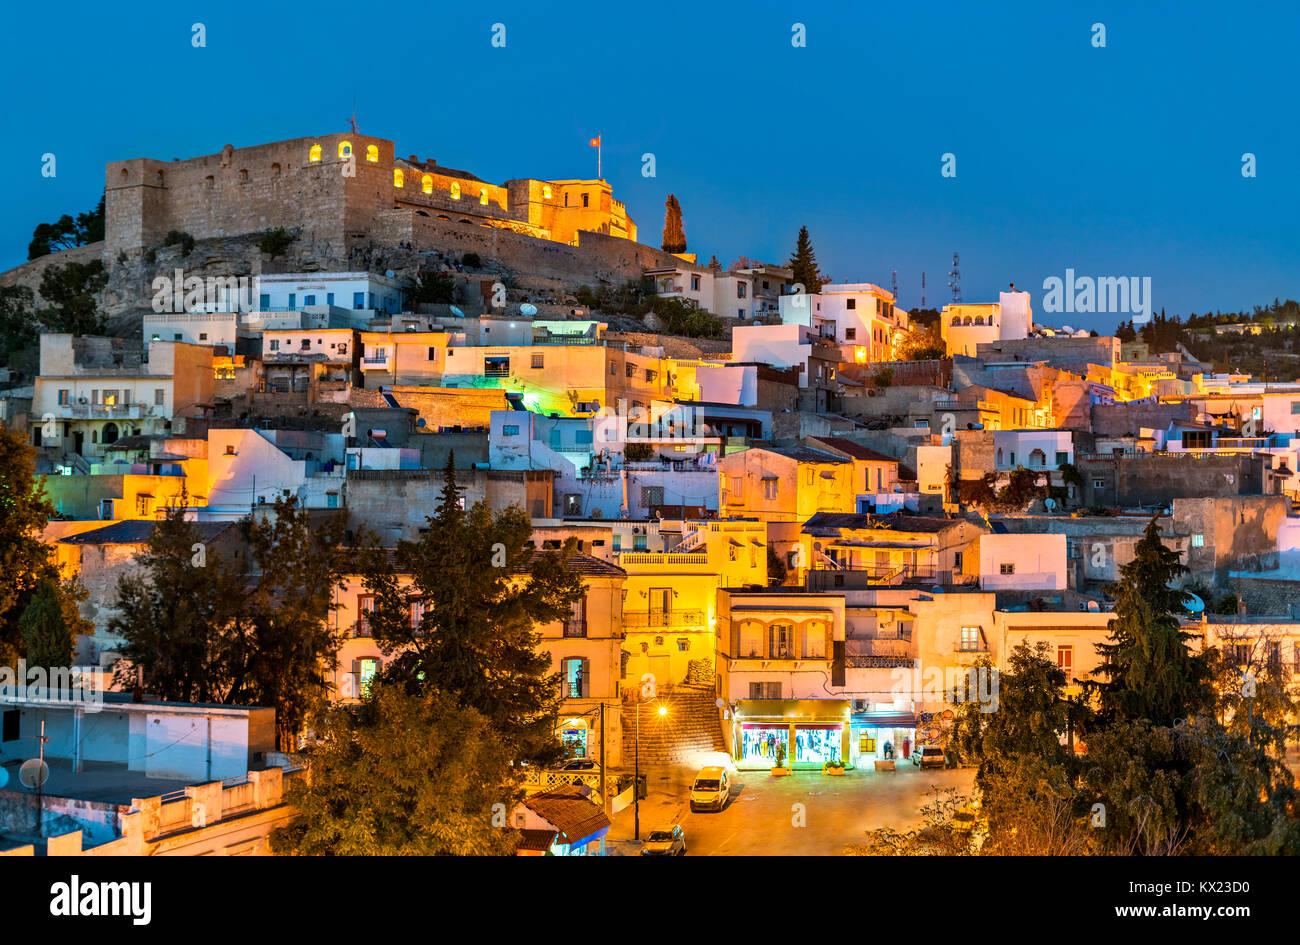 Skyline nocturno de El Kef, una ciudad en el noroeste de Túnez Imagen De Stock